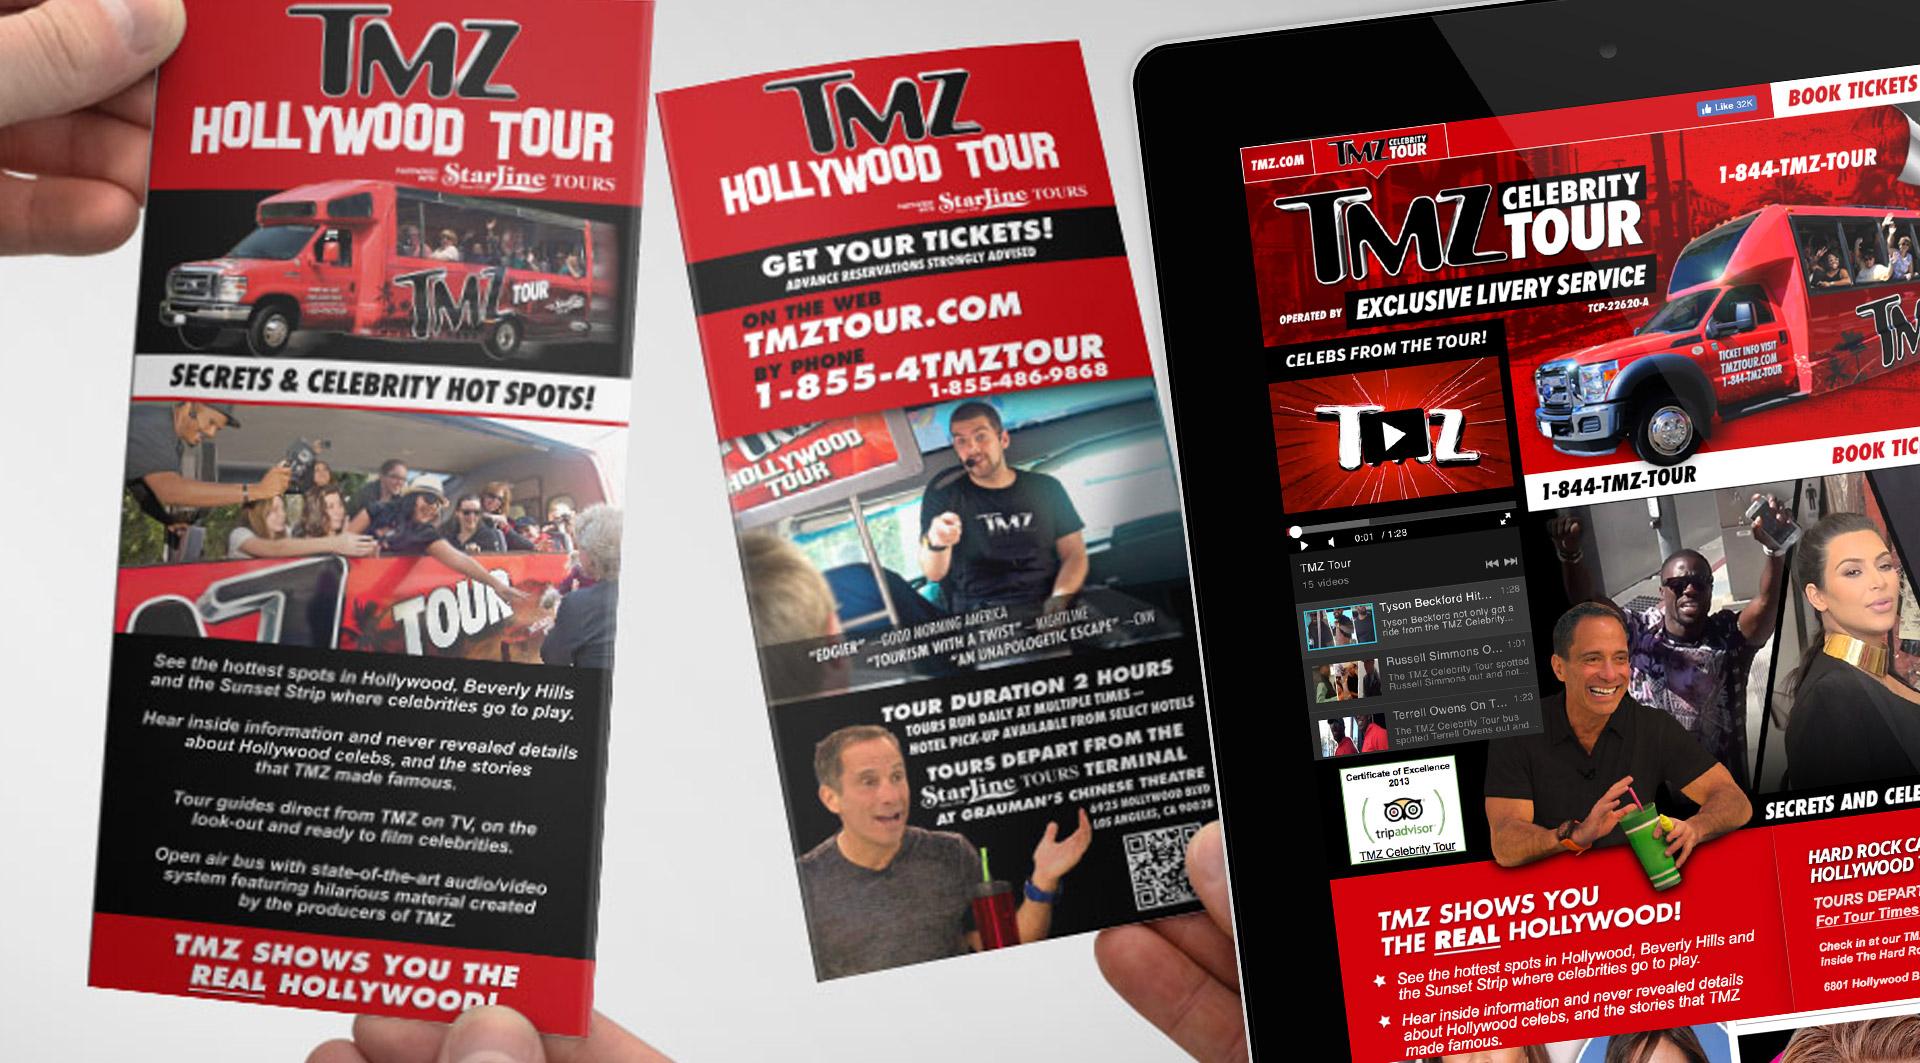 tmz-tour